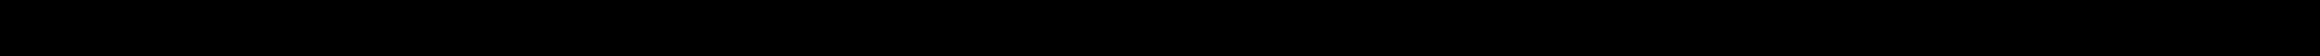 ABAKUS 1331449 Revestimento, retrovisor exterior